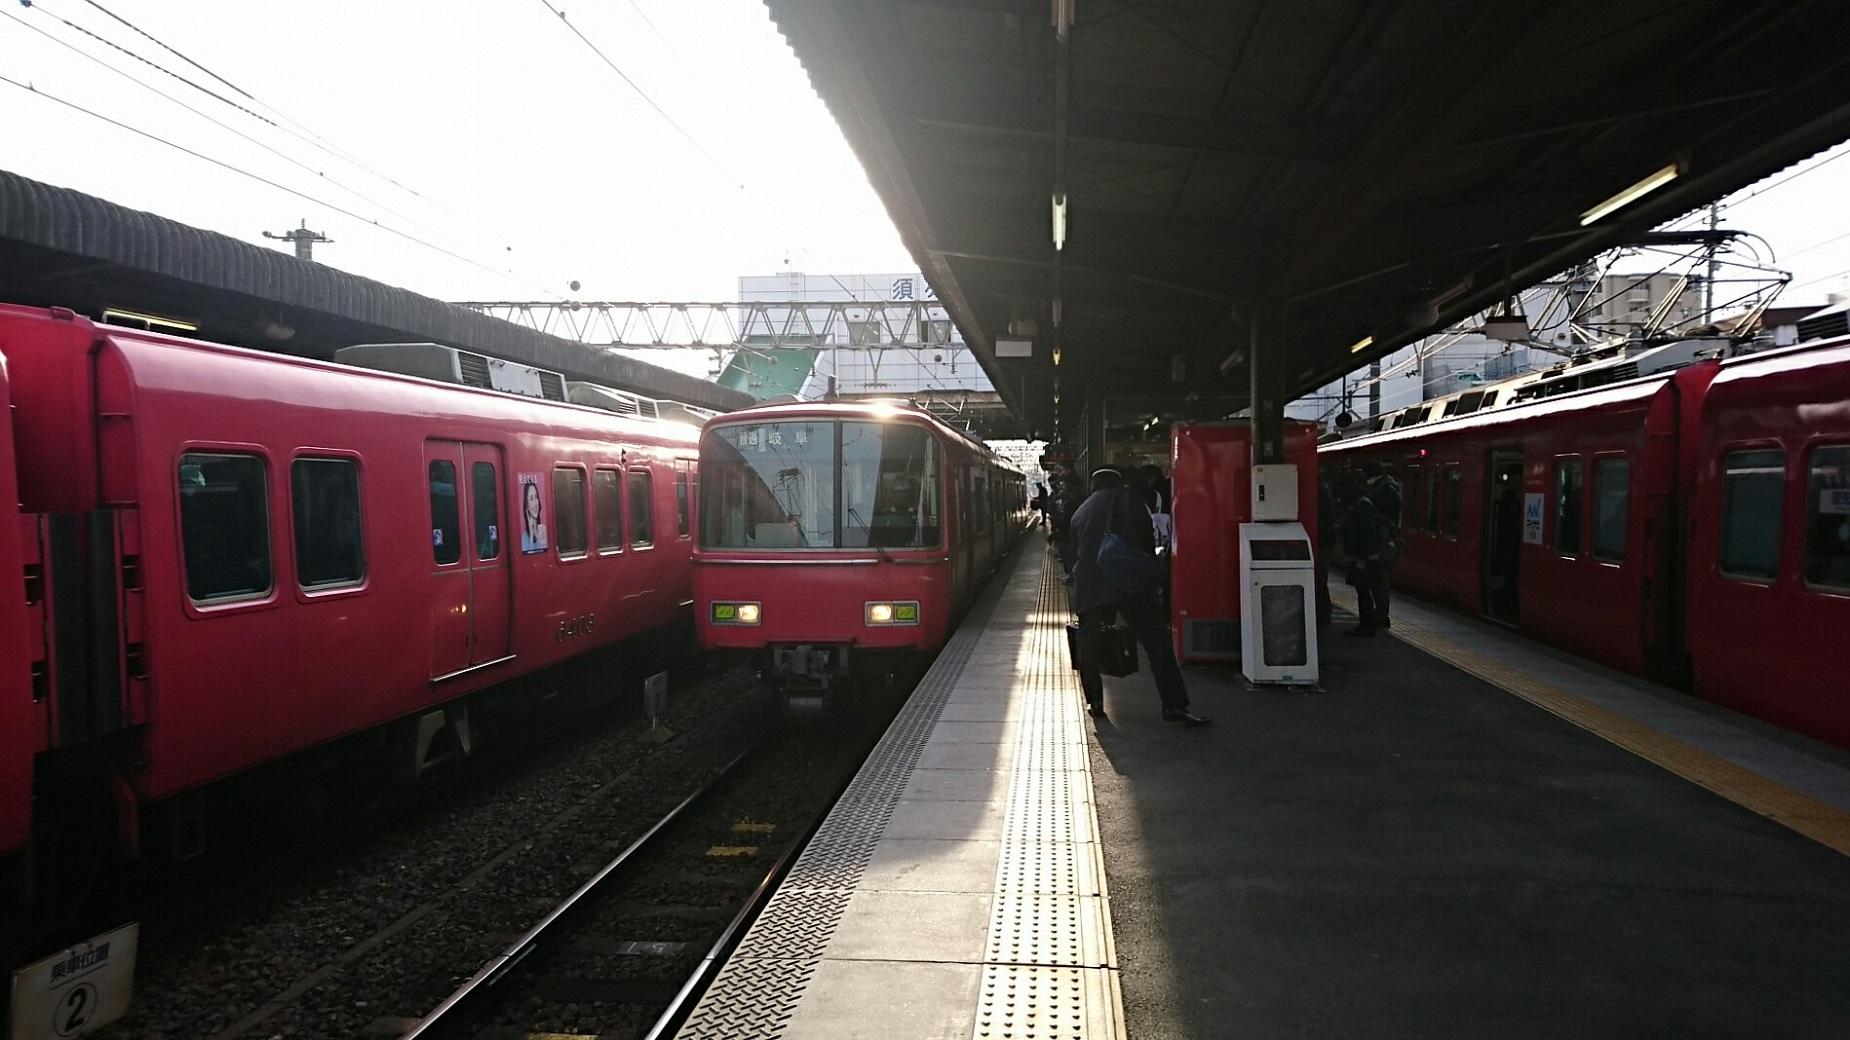 2018.2.19 岐阜 (53) 須ヶ口 - 岐阜いきふつう 1850-1040